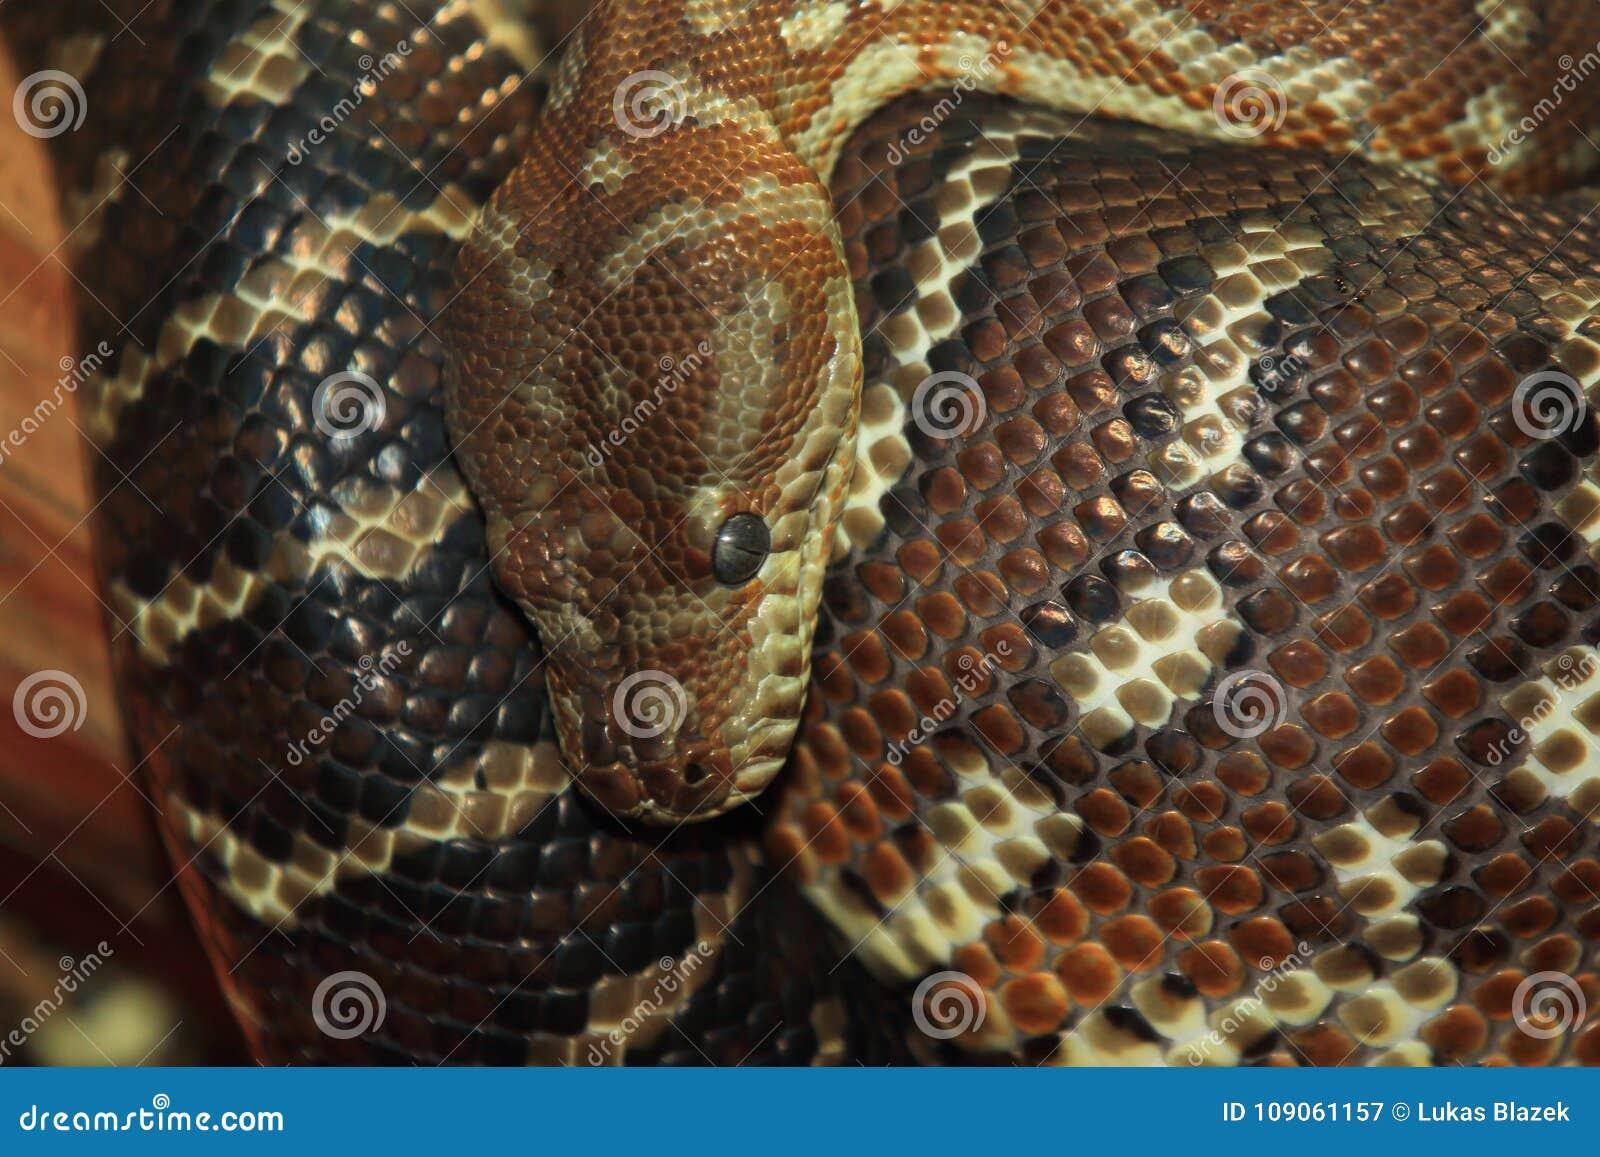 Bredl-Pythonschlange